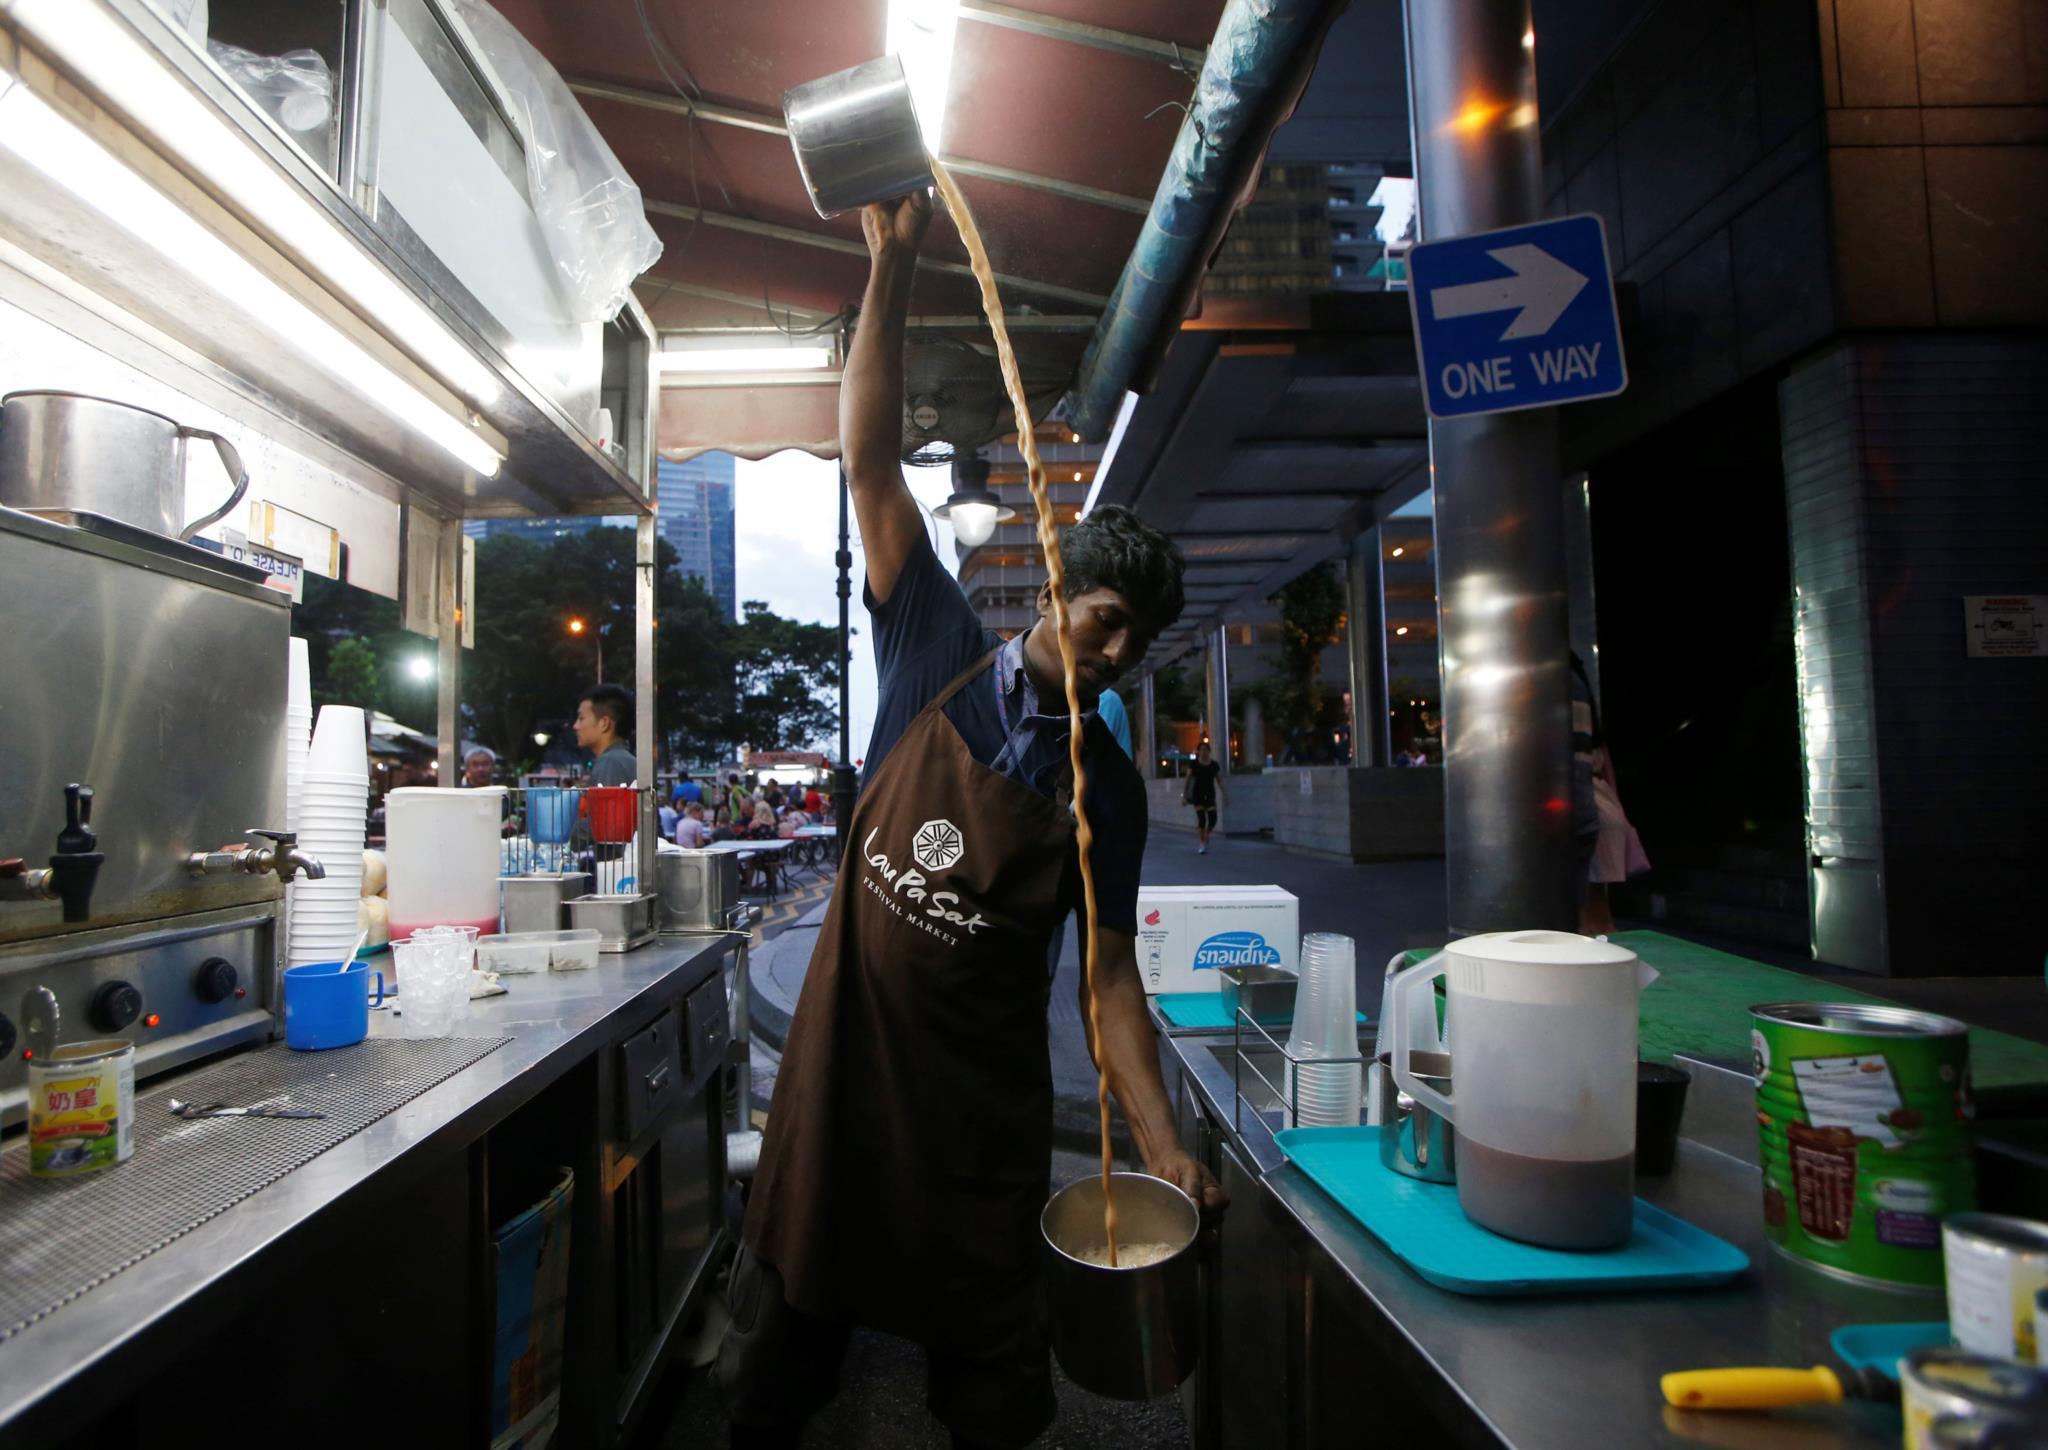 Um vendedor ambulante prepara <i>Teh tarik</i>, um chá típico de Singapura. Para esfriar o chá e misturá-lo com o leite condensado, a bebida é